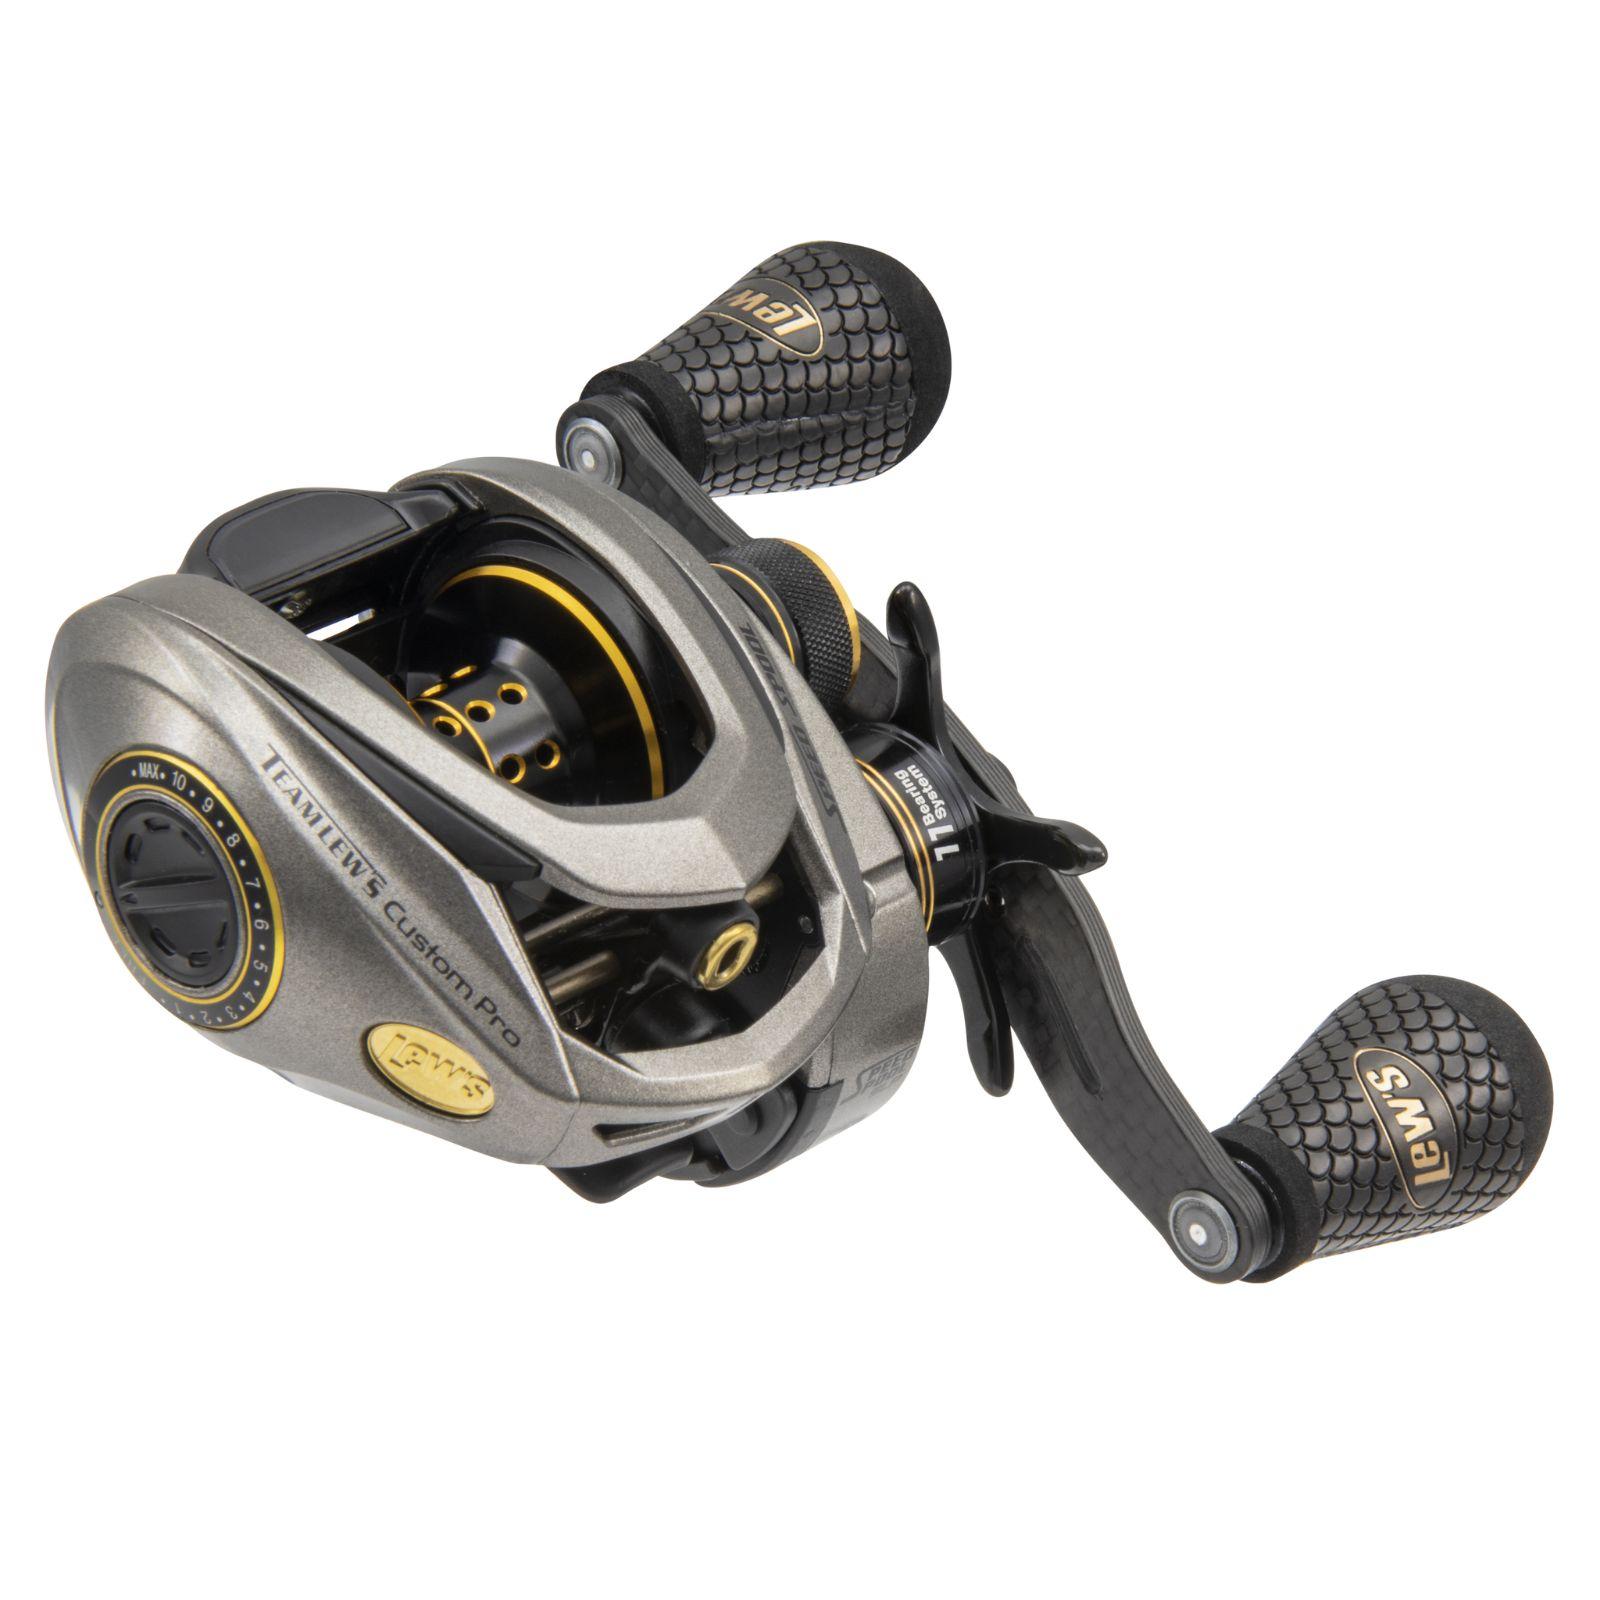 Lews Custom Pro Speed Spool SLP ACB LH 7.5:1 Reel